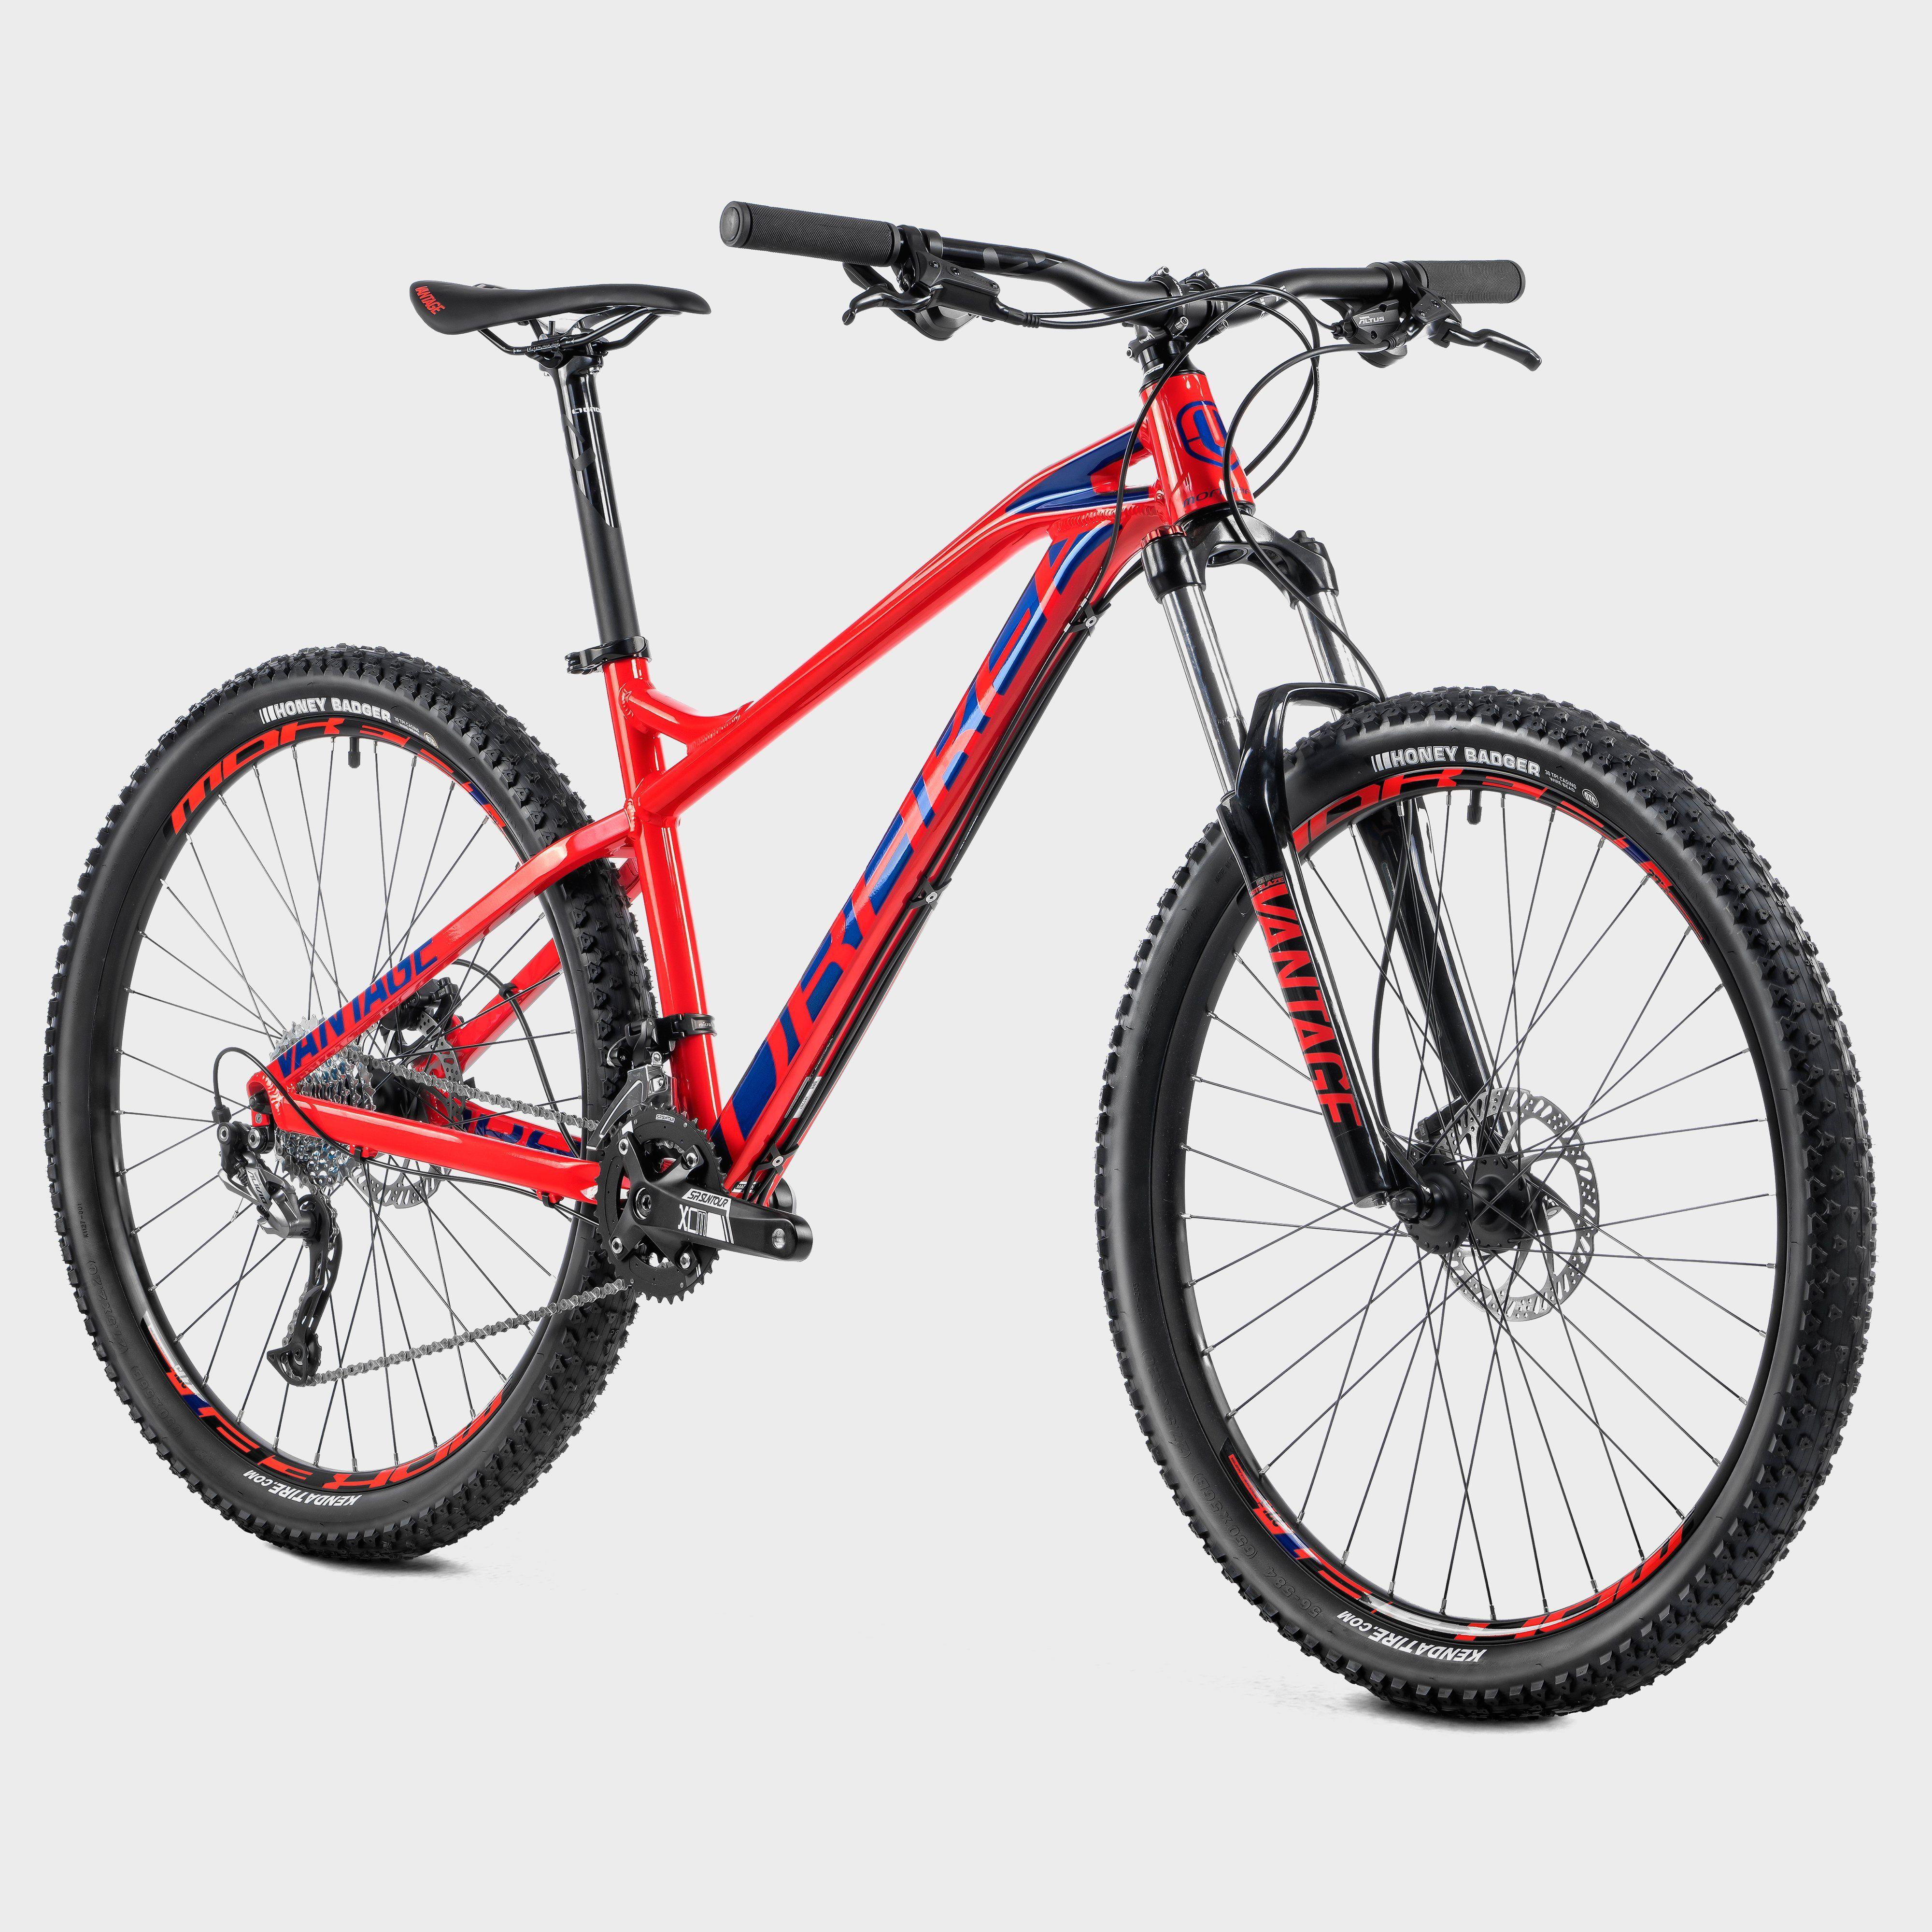 MONDRAKER Vantage Hardtail Bike